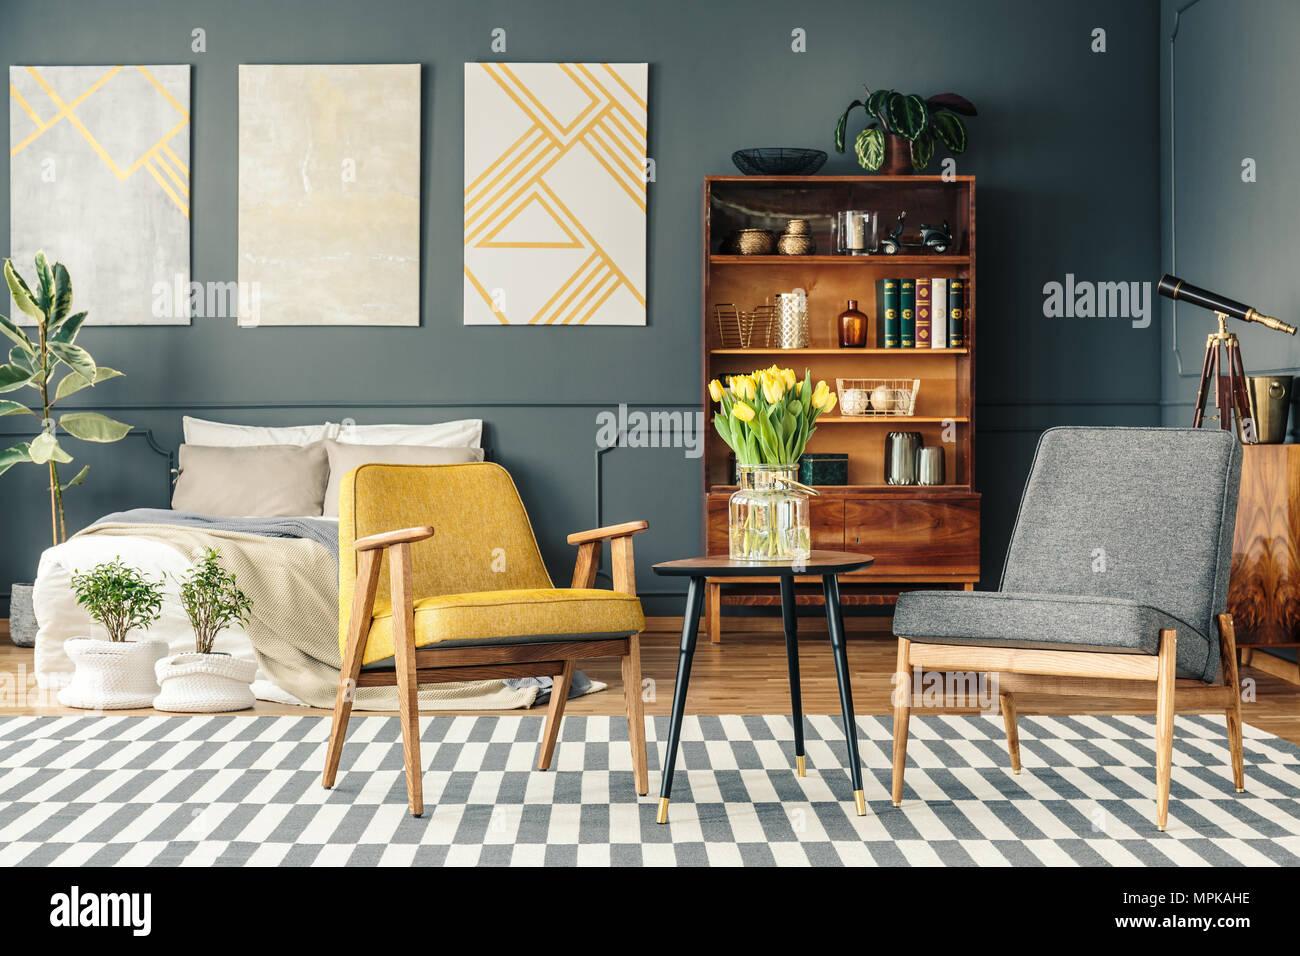 Libreria Sopra Letto : Retrò interiore camera da letto con poster sopra il letto piante